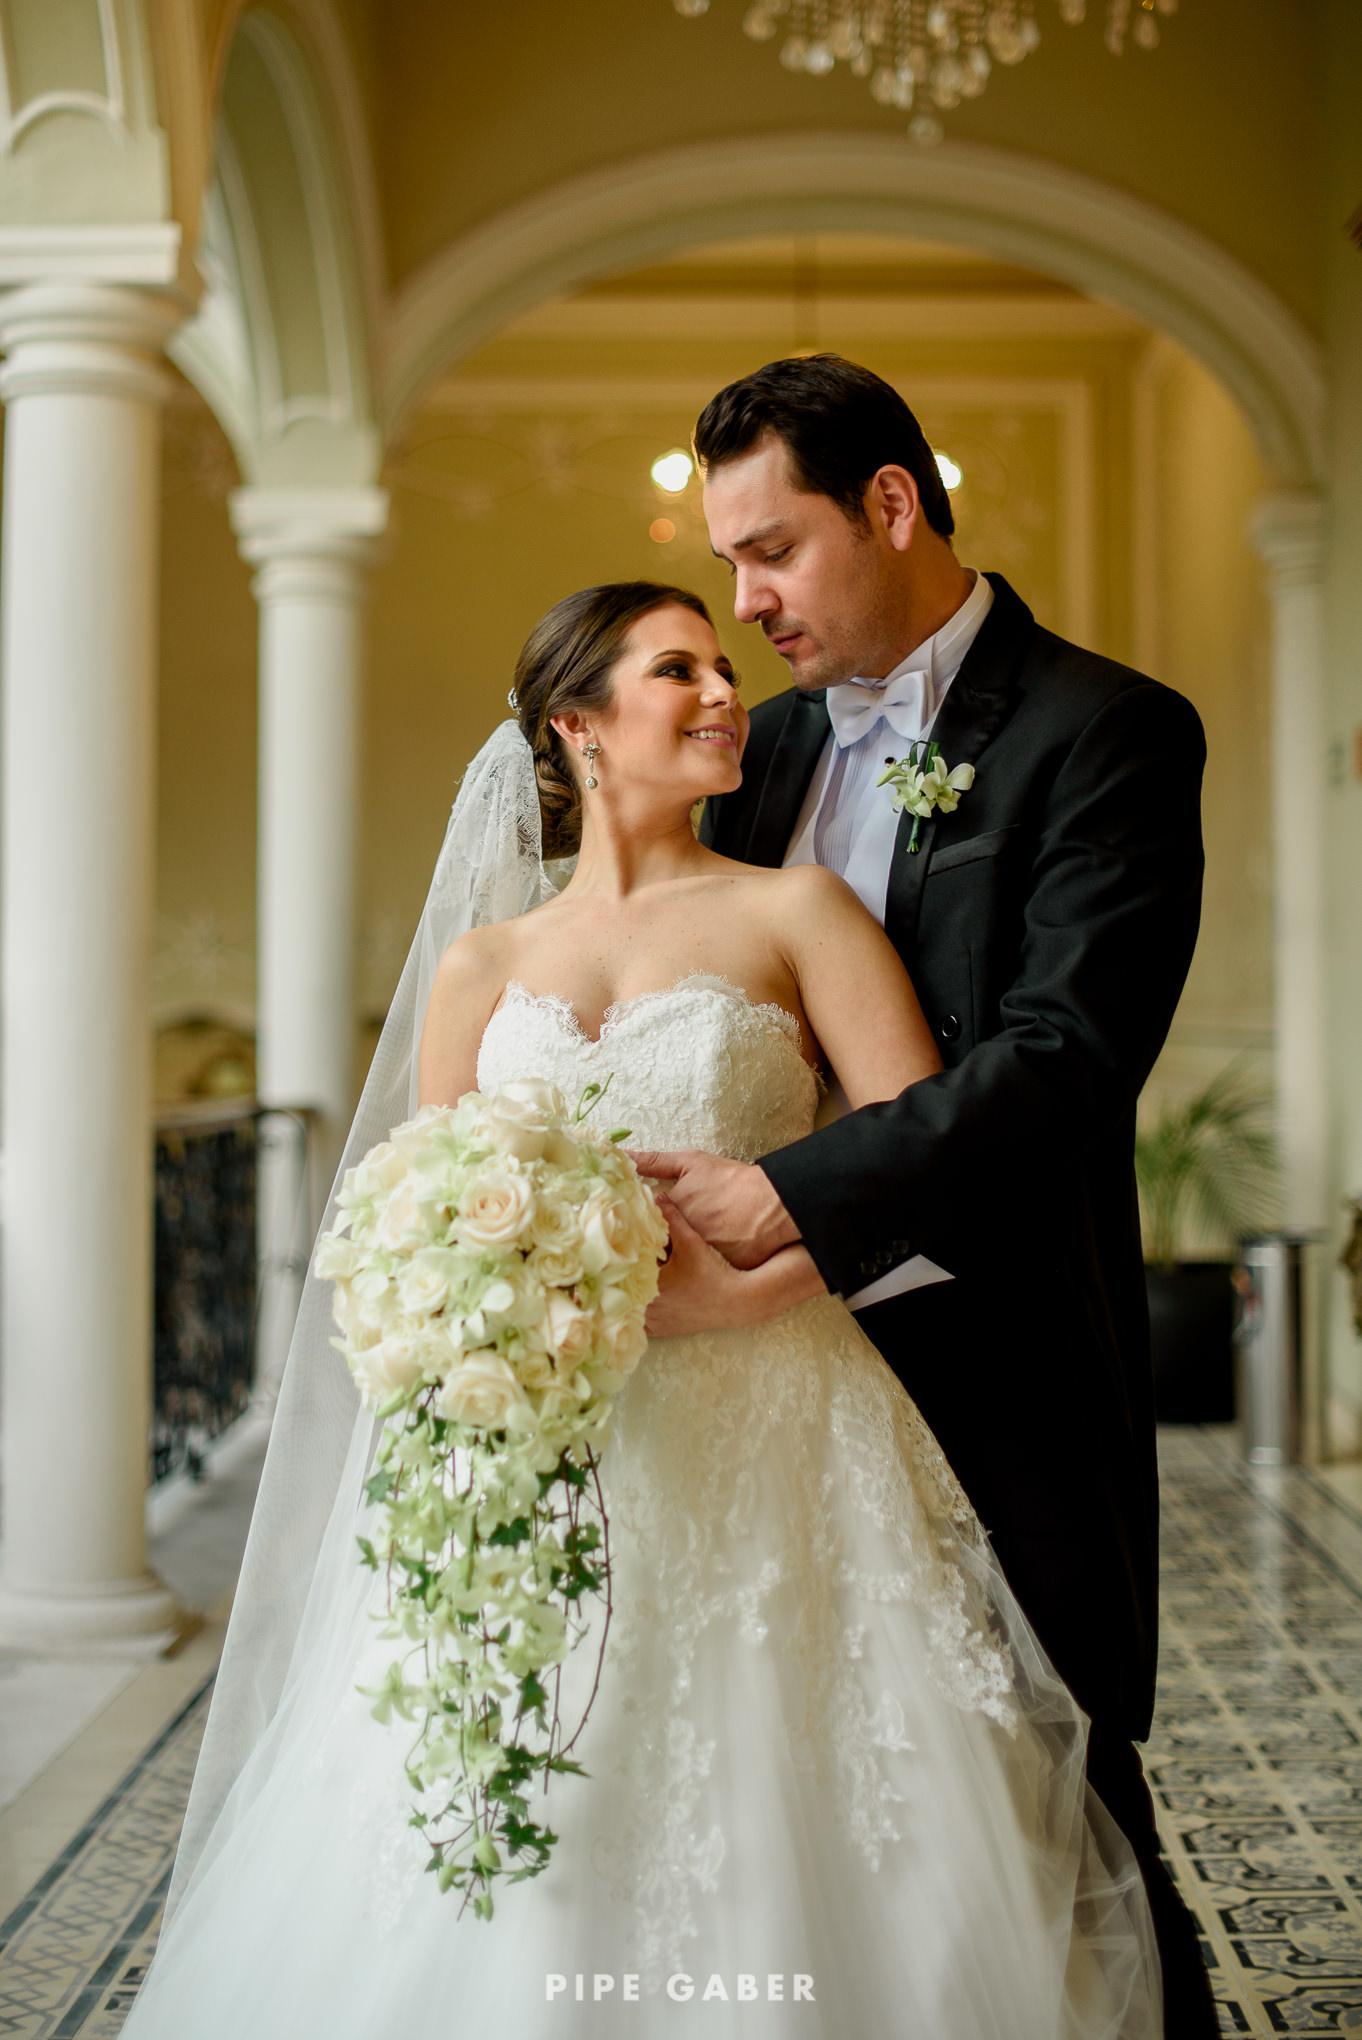 TIPS_FOR_BRIDES_TIPOS_DE_RAMO_01.JPG